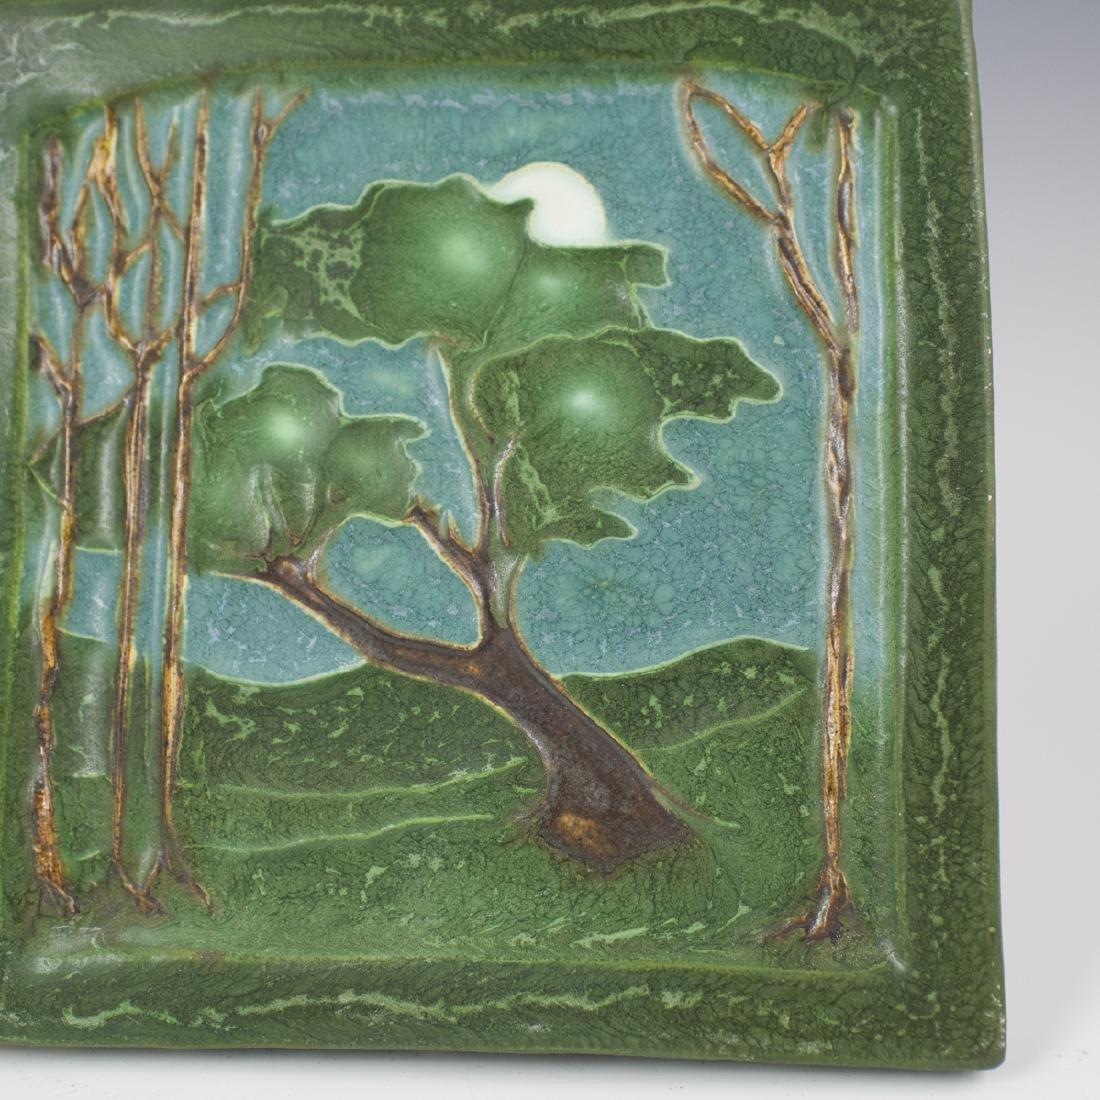 Ephraim Faience Pottery Tiles - 4